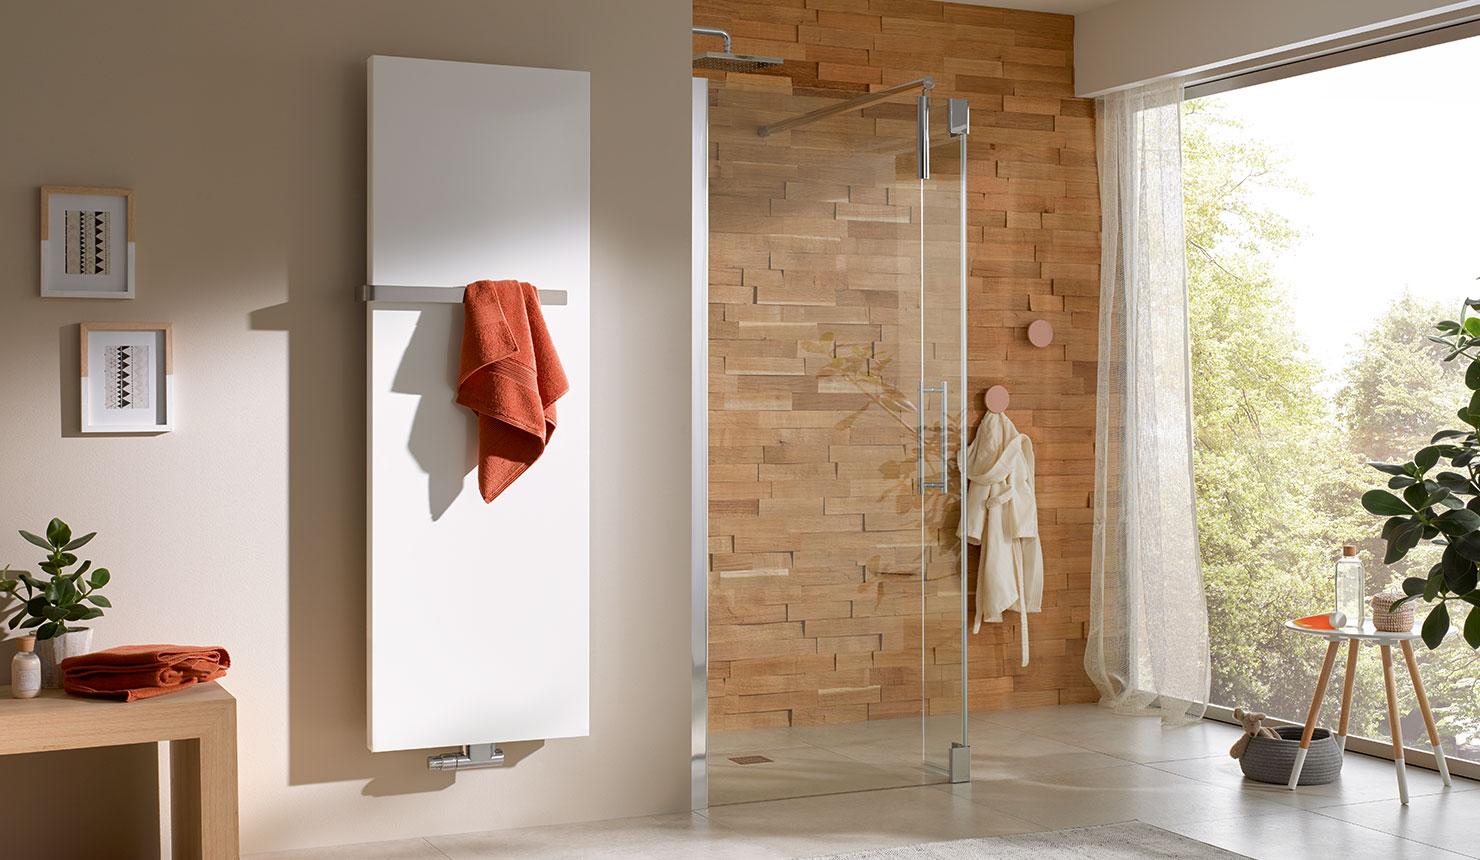 Full Size of Rubeo Design Und Badheizkrper Kermi Elektroheizkörper Bad Heizkörper Wohnzimmer Für Badezimmer Wohnzimmer Kermi Heizkörper